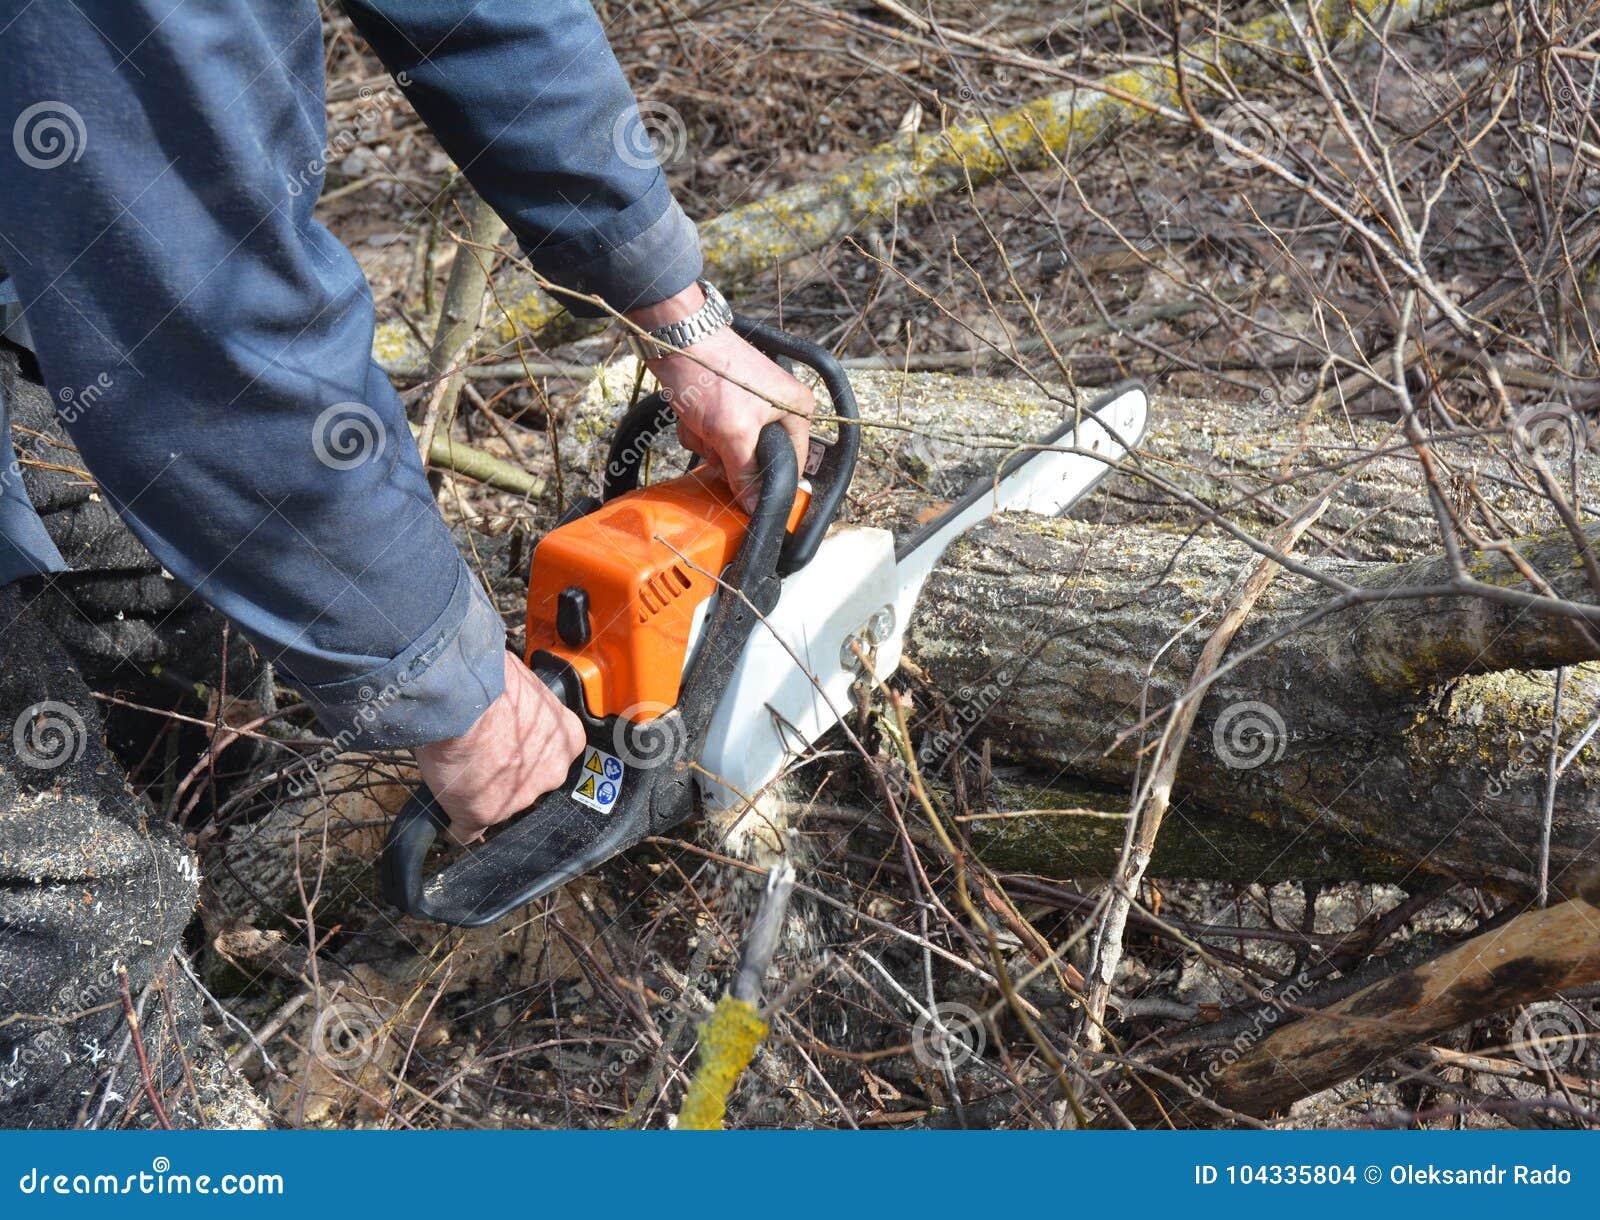 Arbetare med bensinchainsawen i Forest Tree Cutting Saw Mannen med bensinbensinkedjan såg att klippa för träd som var utomhus-